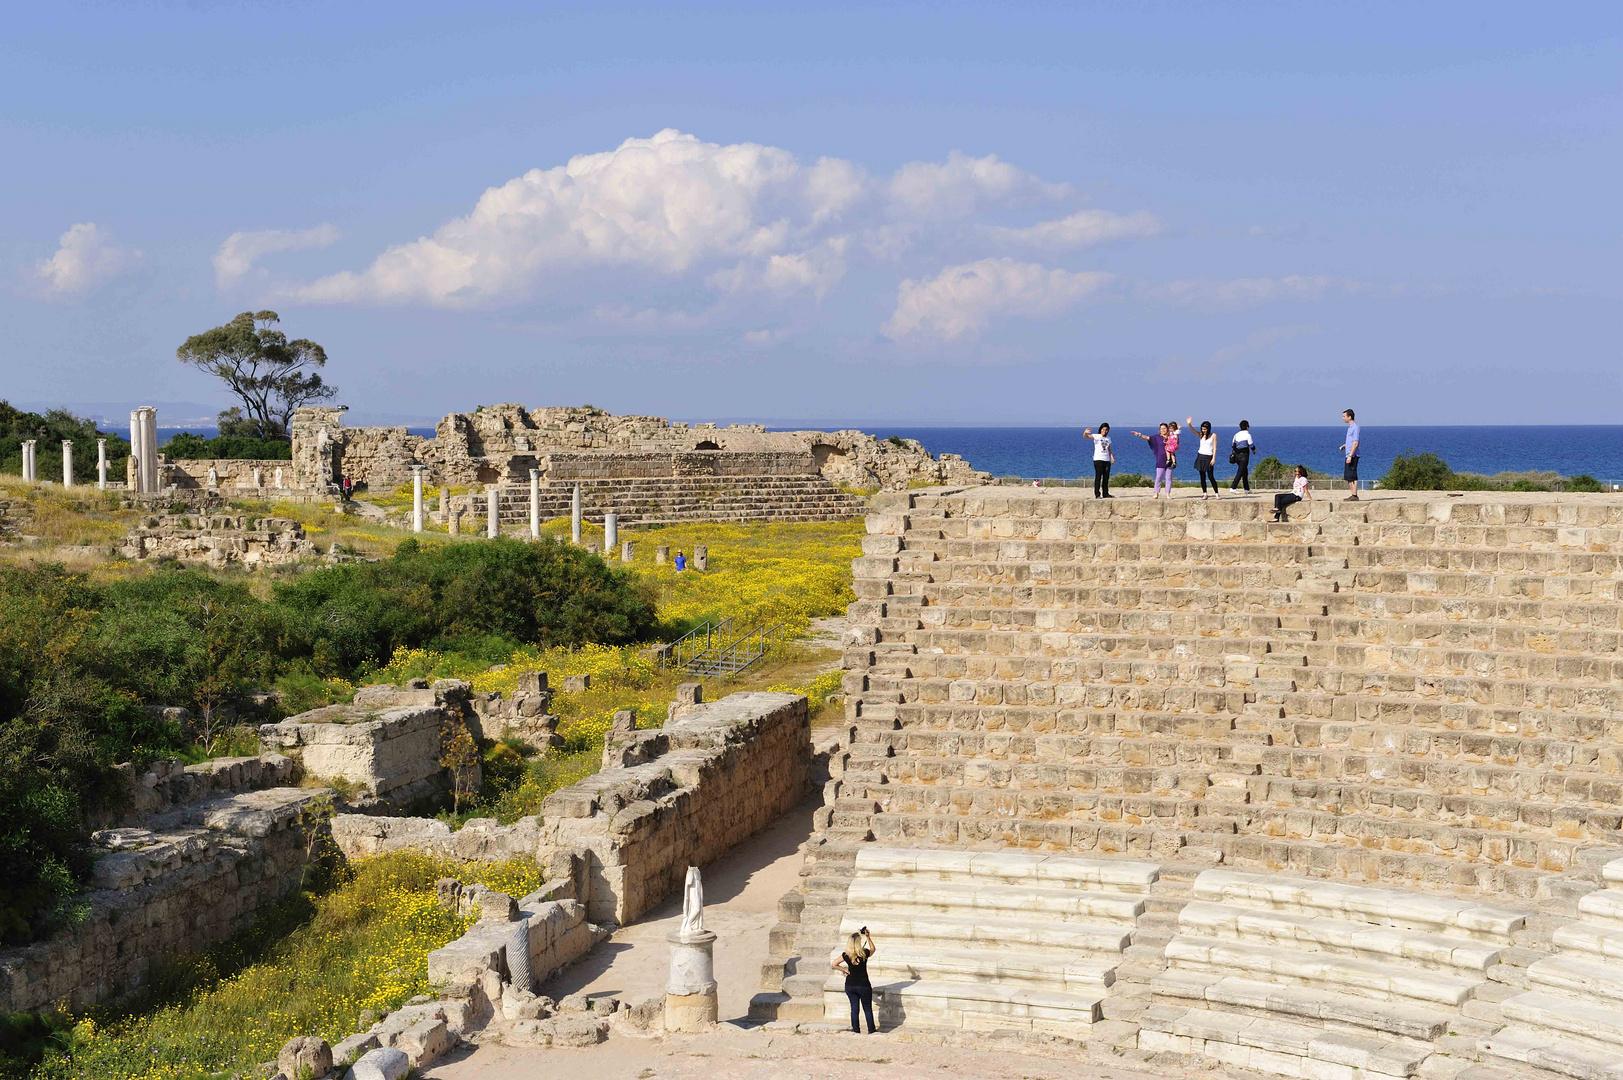 Vom Amphitheater blickt man auf den Golf von Famagusta